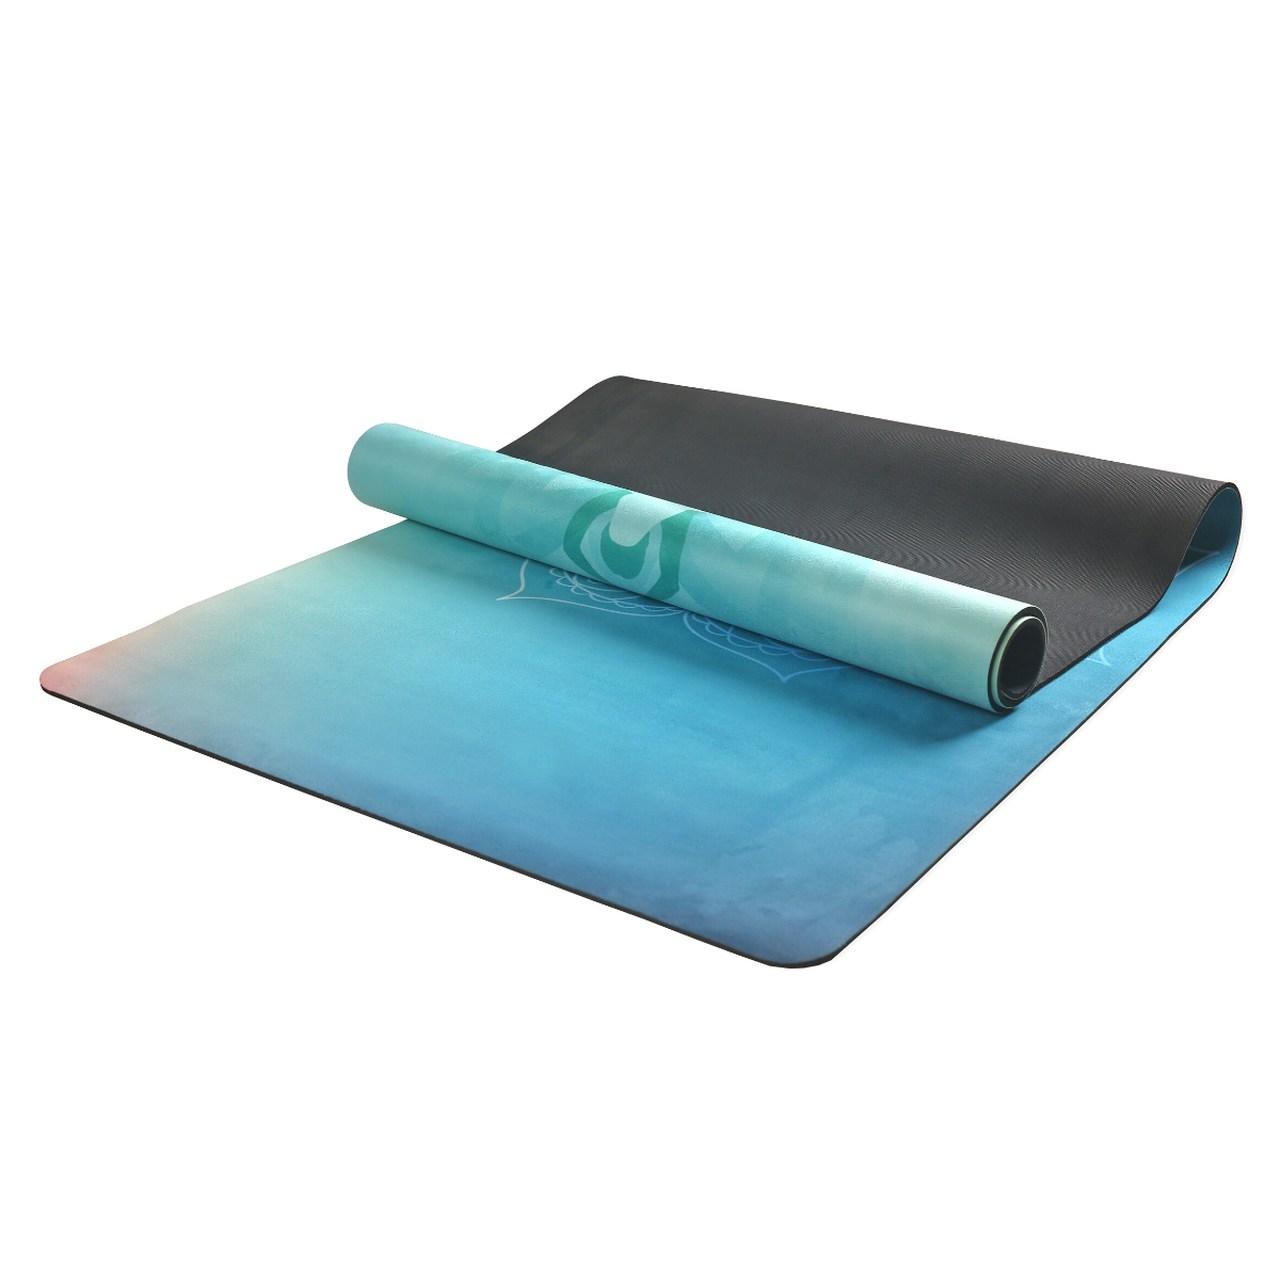 Tapete de Yoga Aveludado com Borracha Natural 183x68cm - Meditação